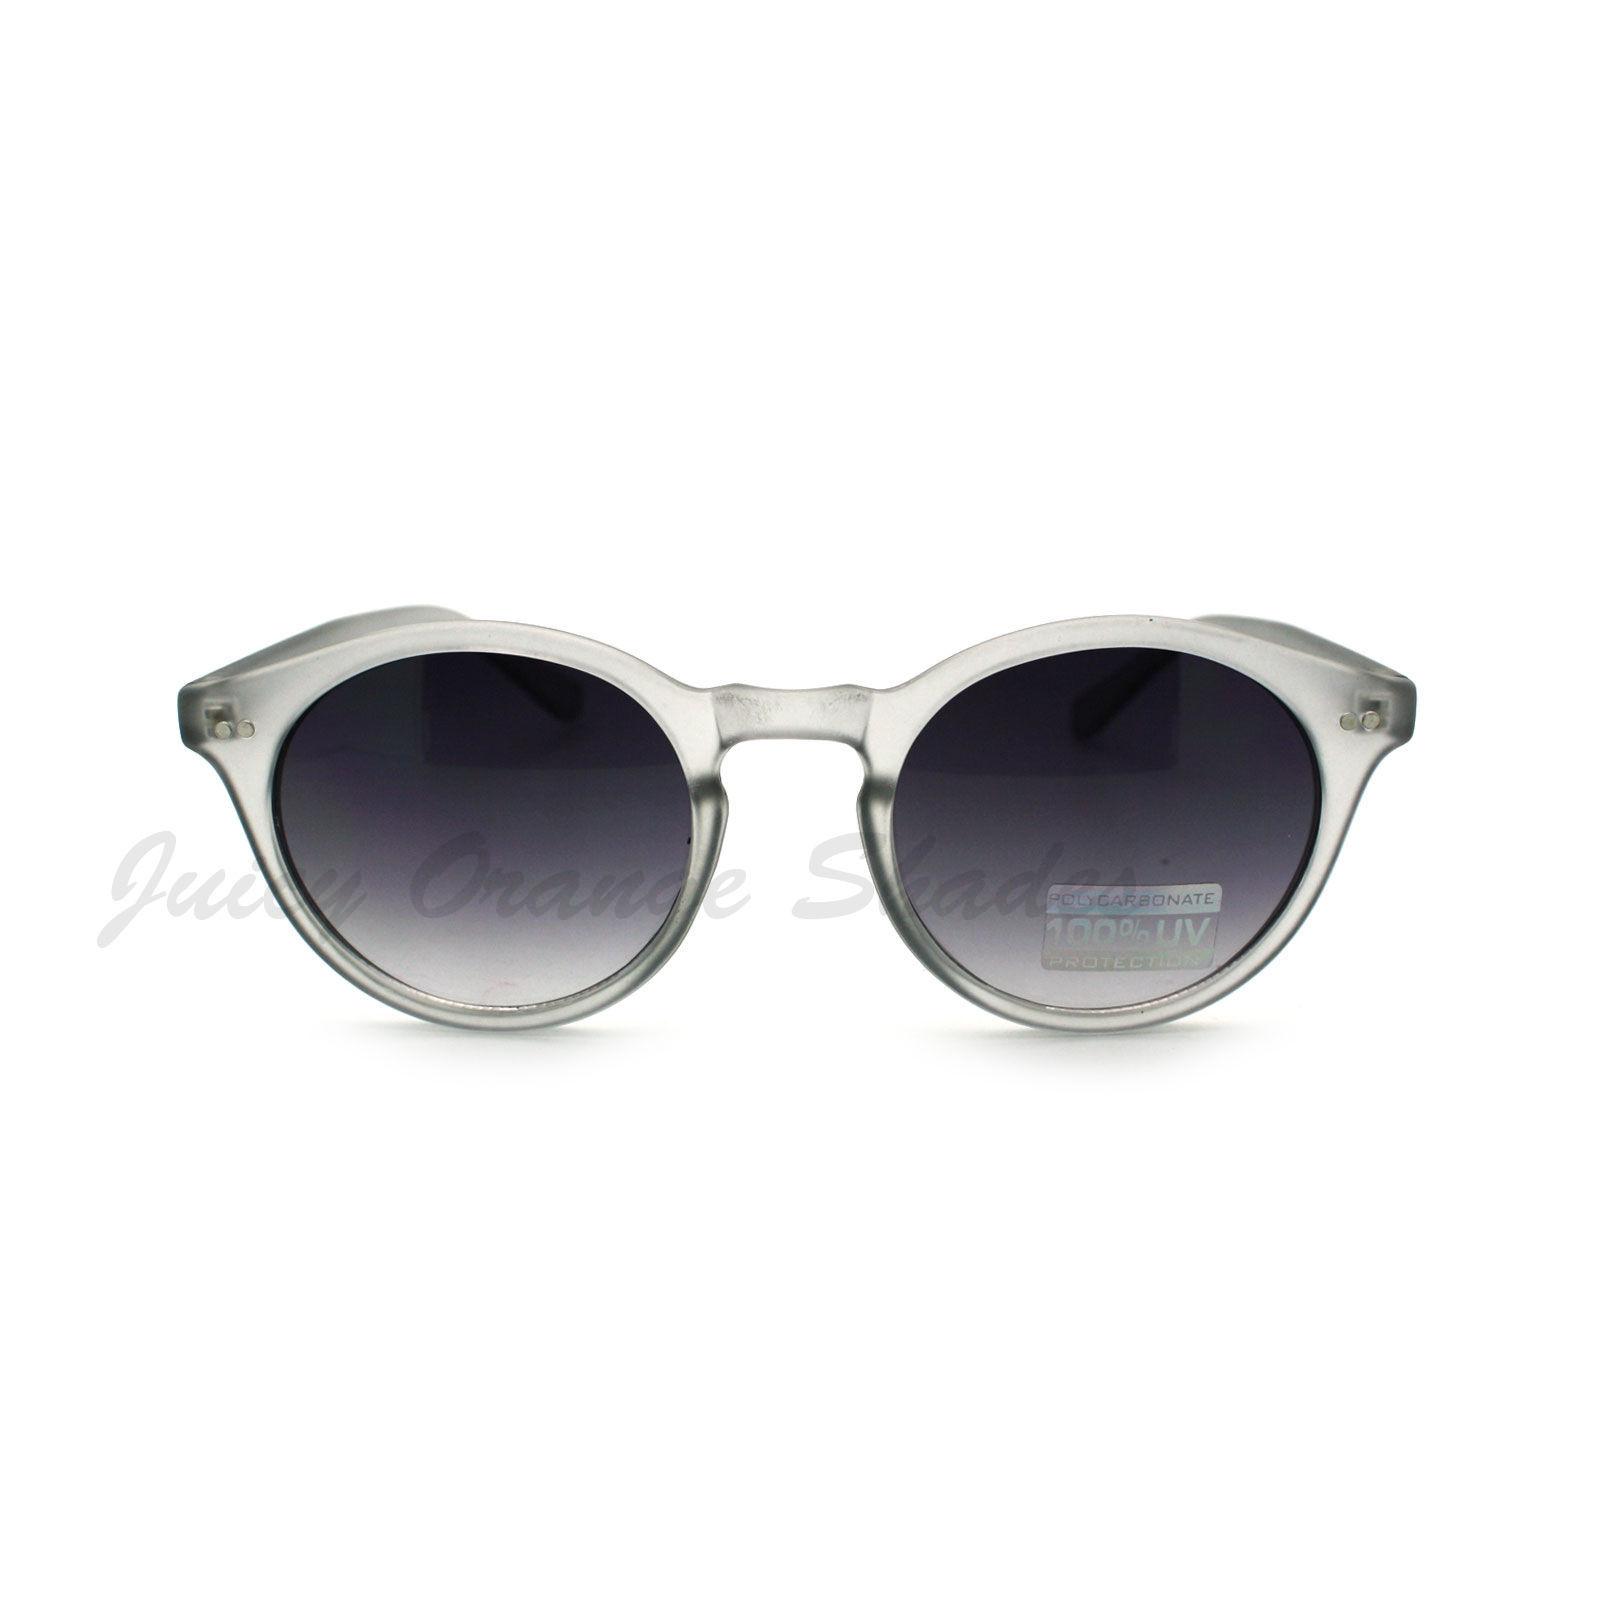 Unisex Vintage Retro Sunglasses Thin Round Keyhole Frame